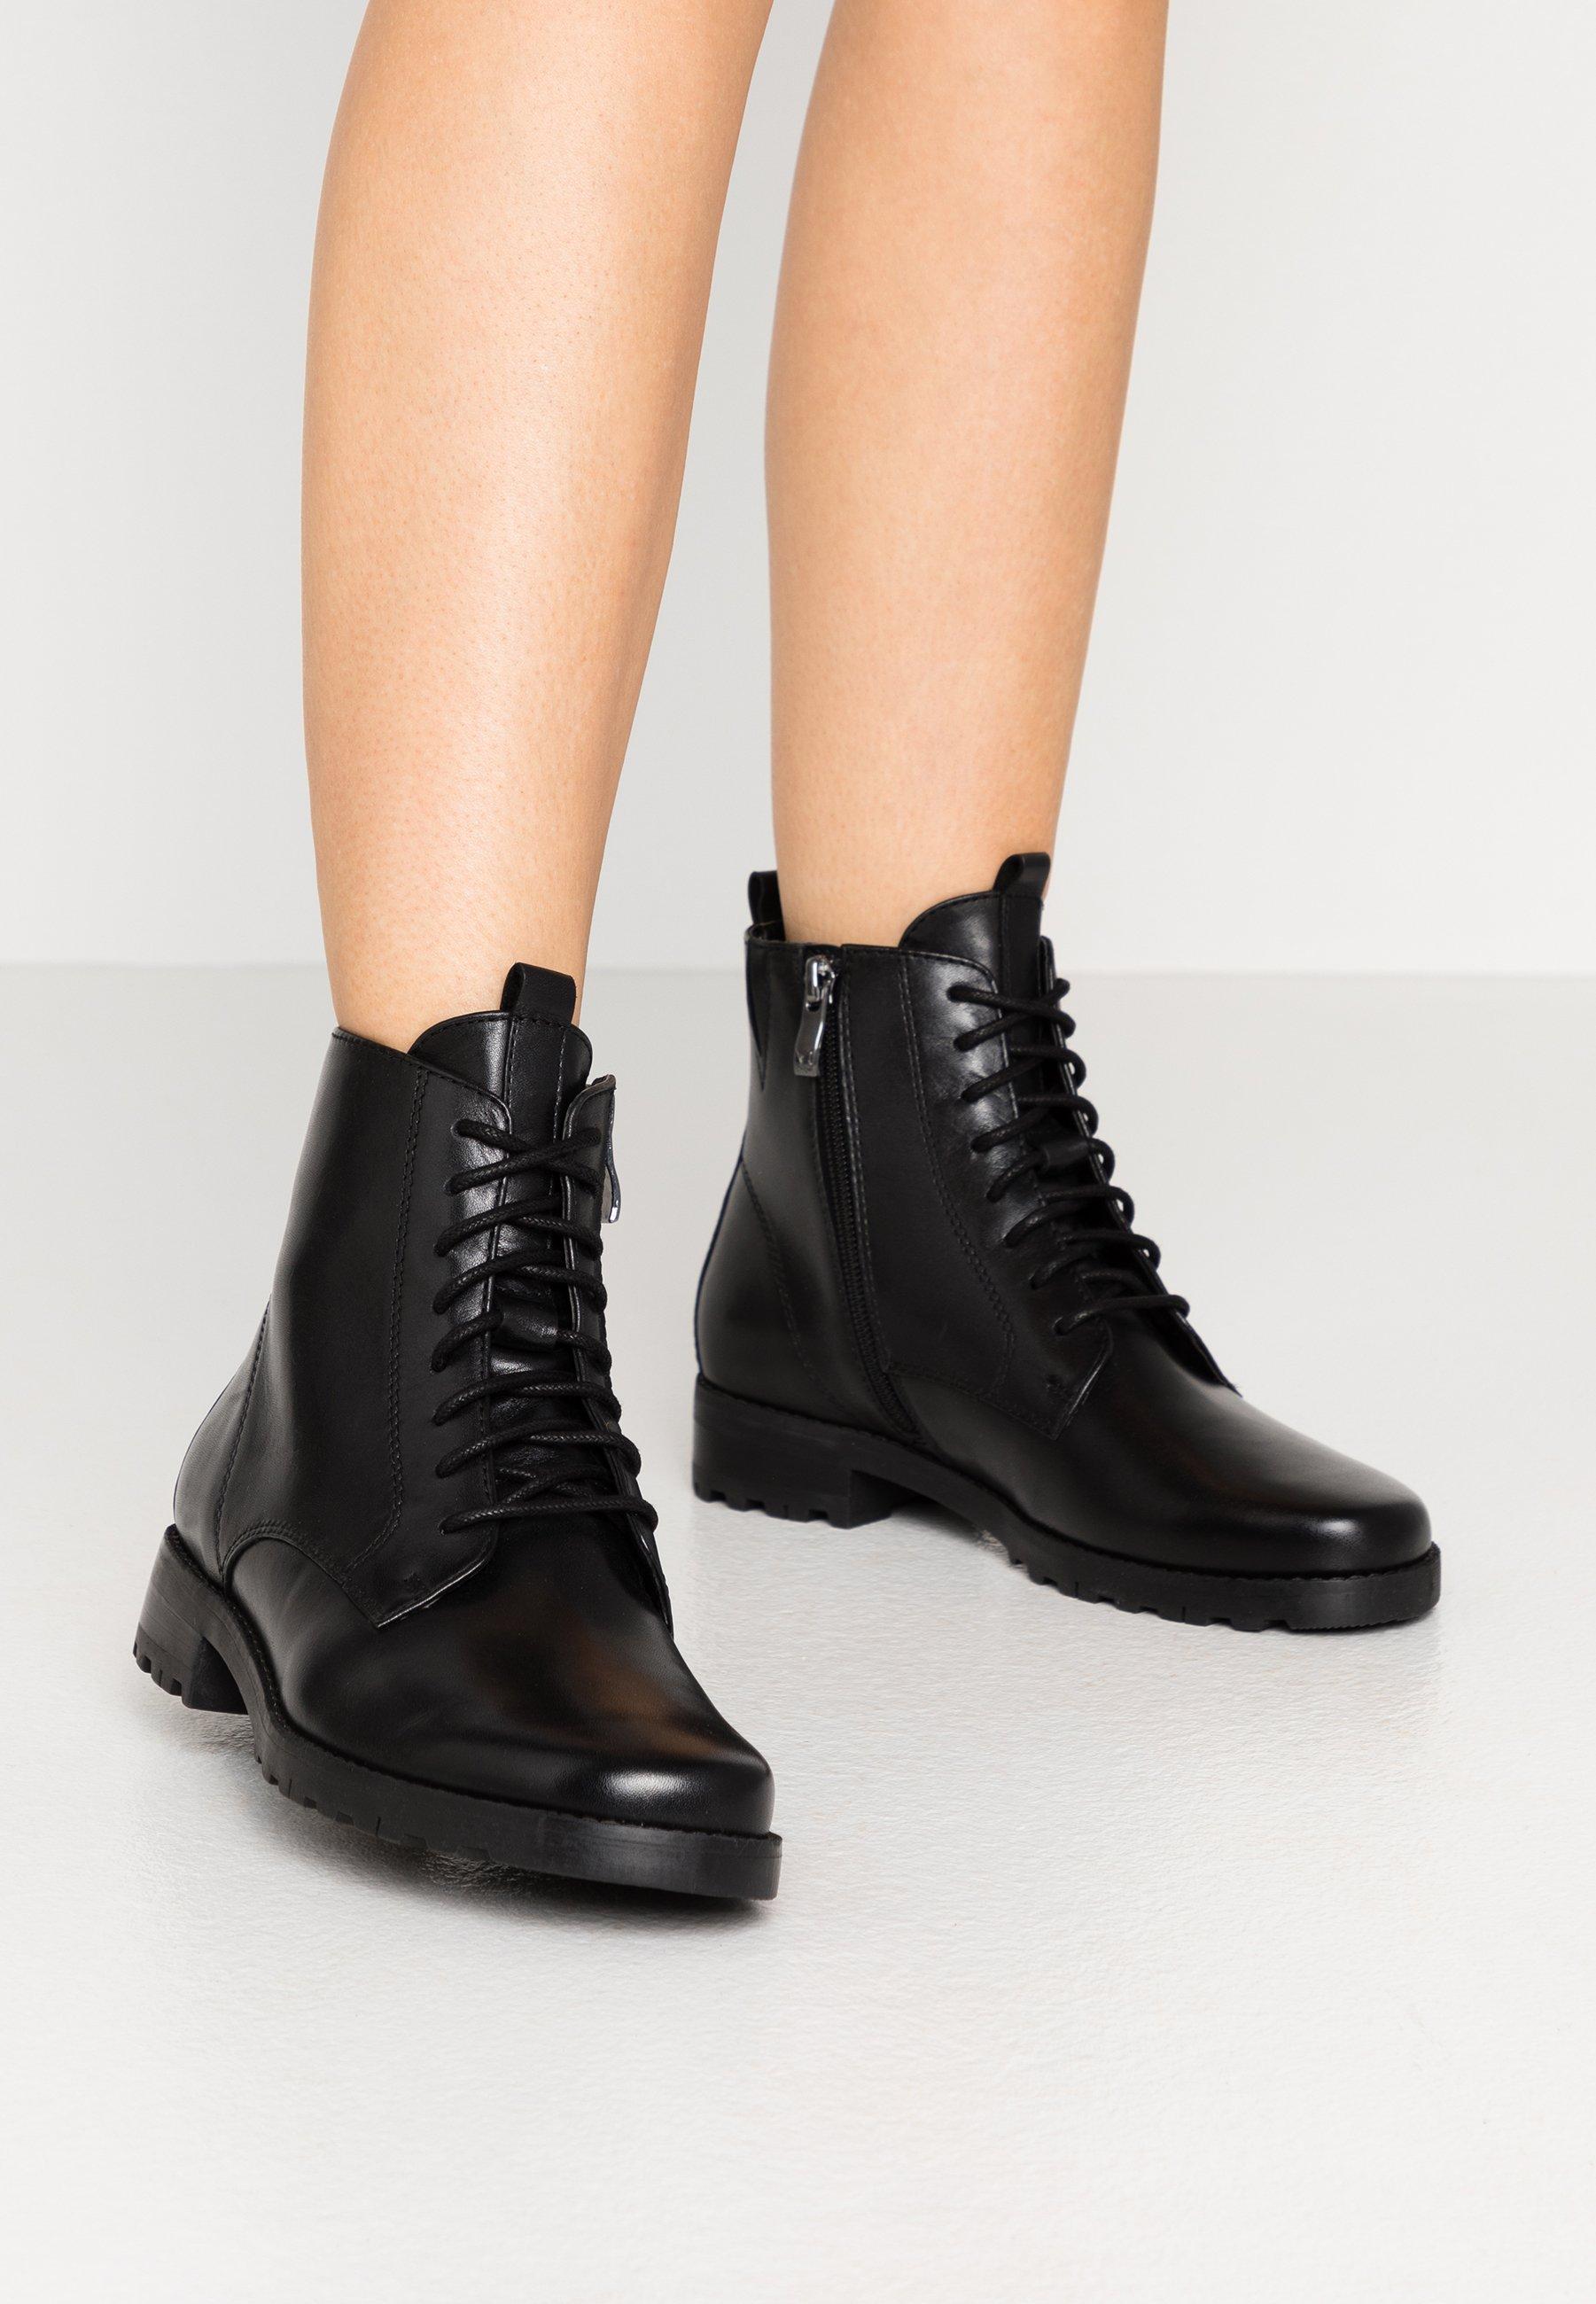 Wholesale Cheapest Caprice Lace-up ankle boots - black | women's shoes 2020 02C5u